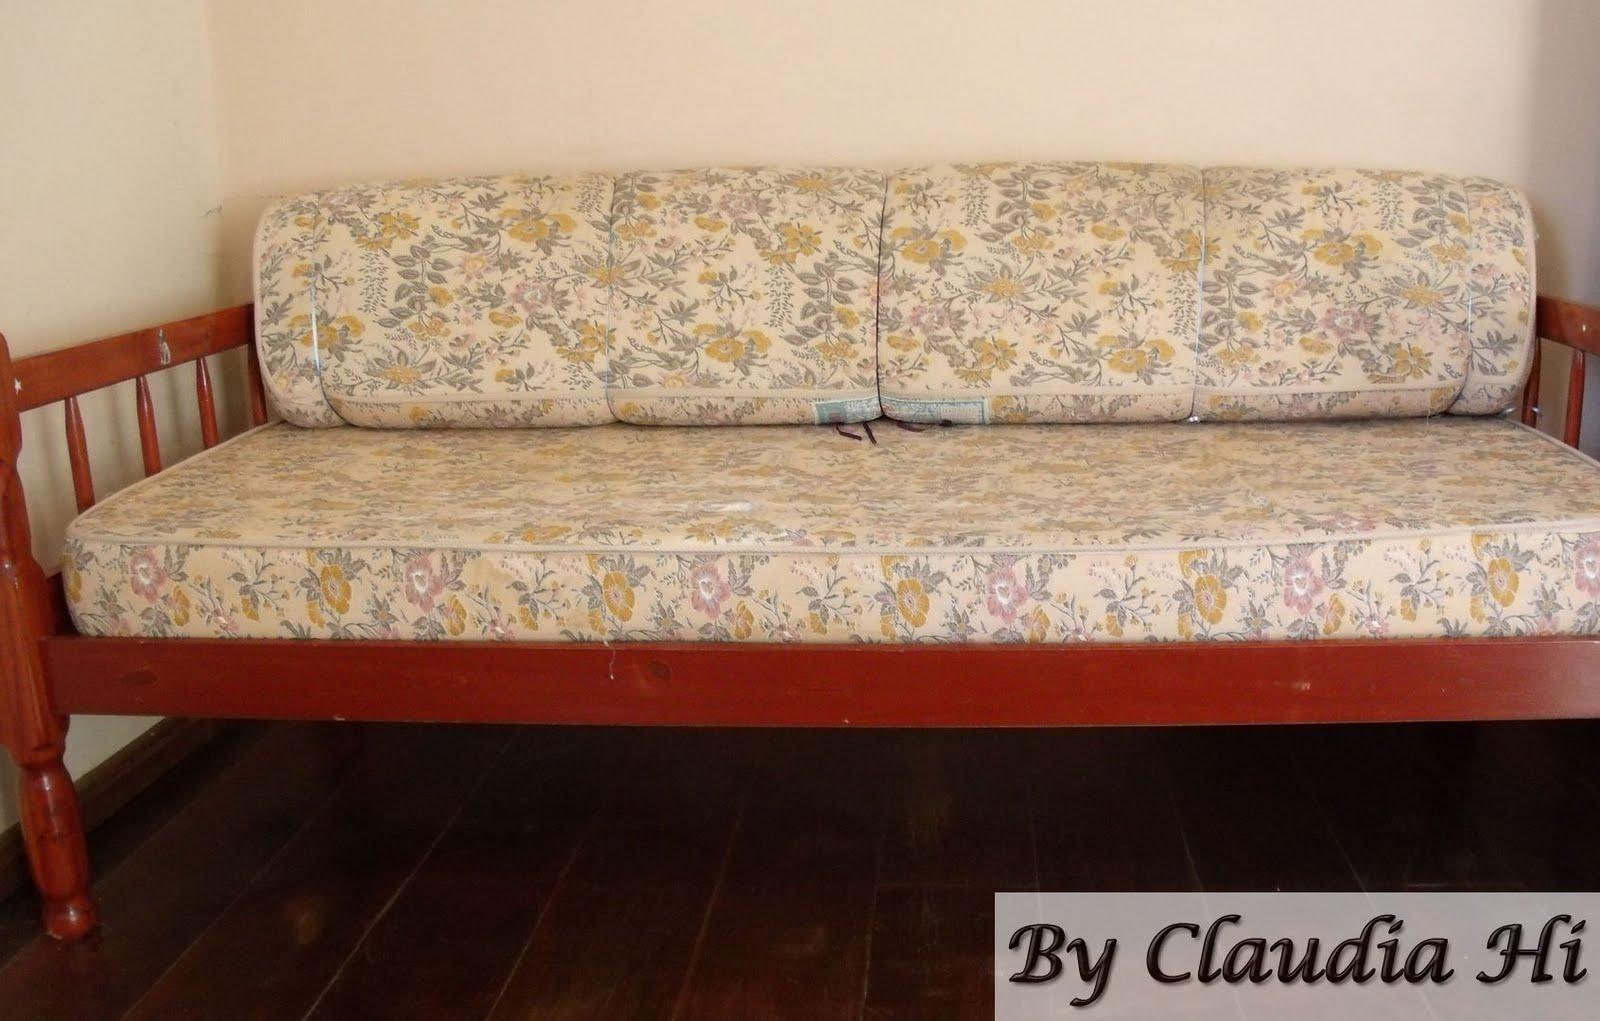 sofa e colchao osasco red and white pillows cama virar sofá o pequeno lírio